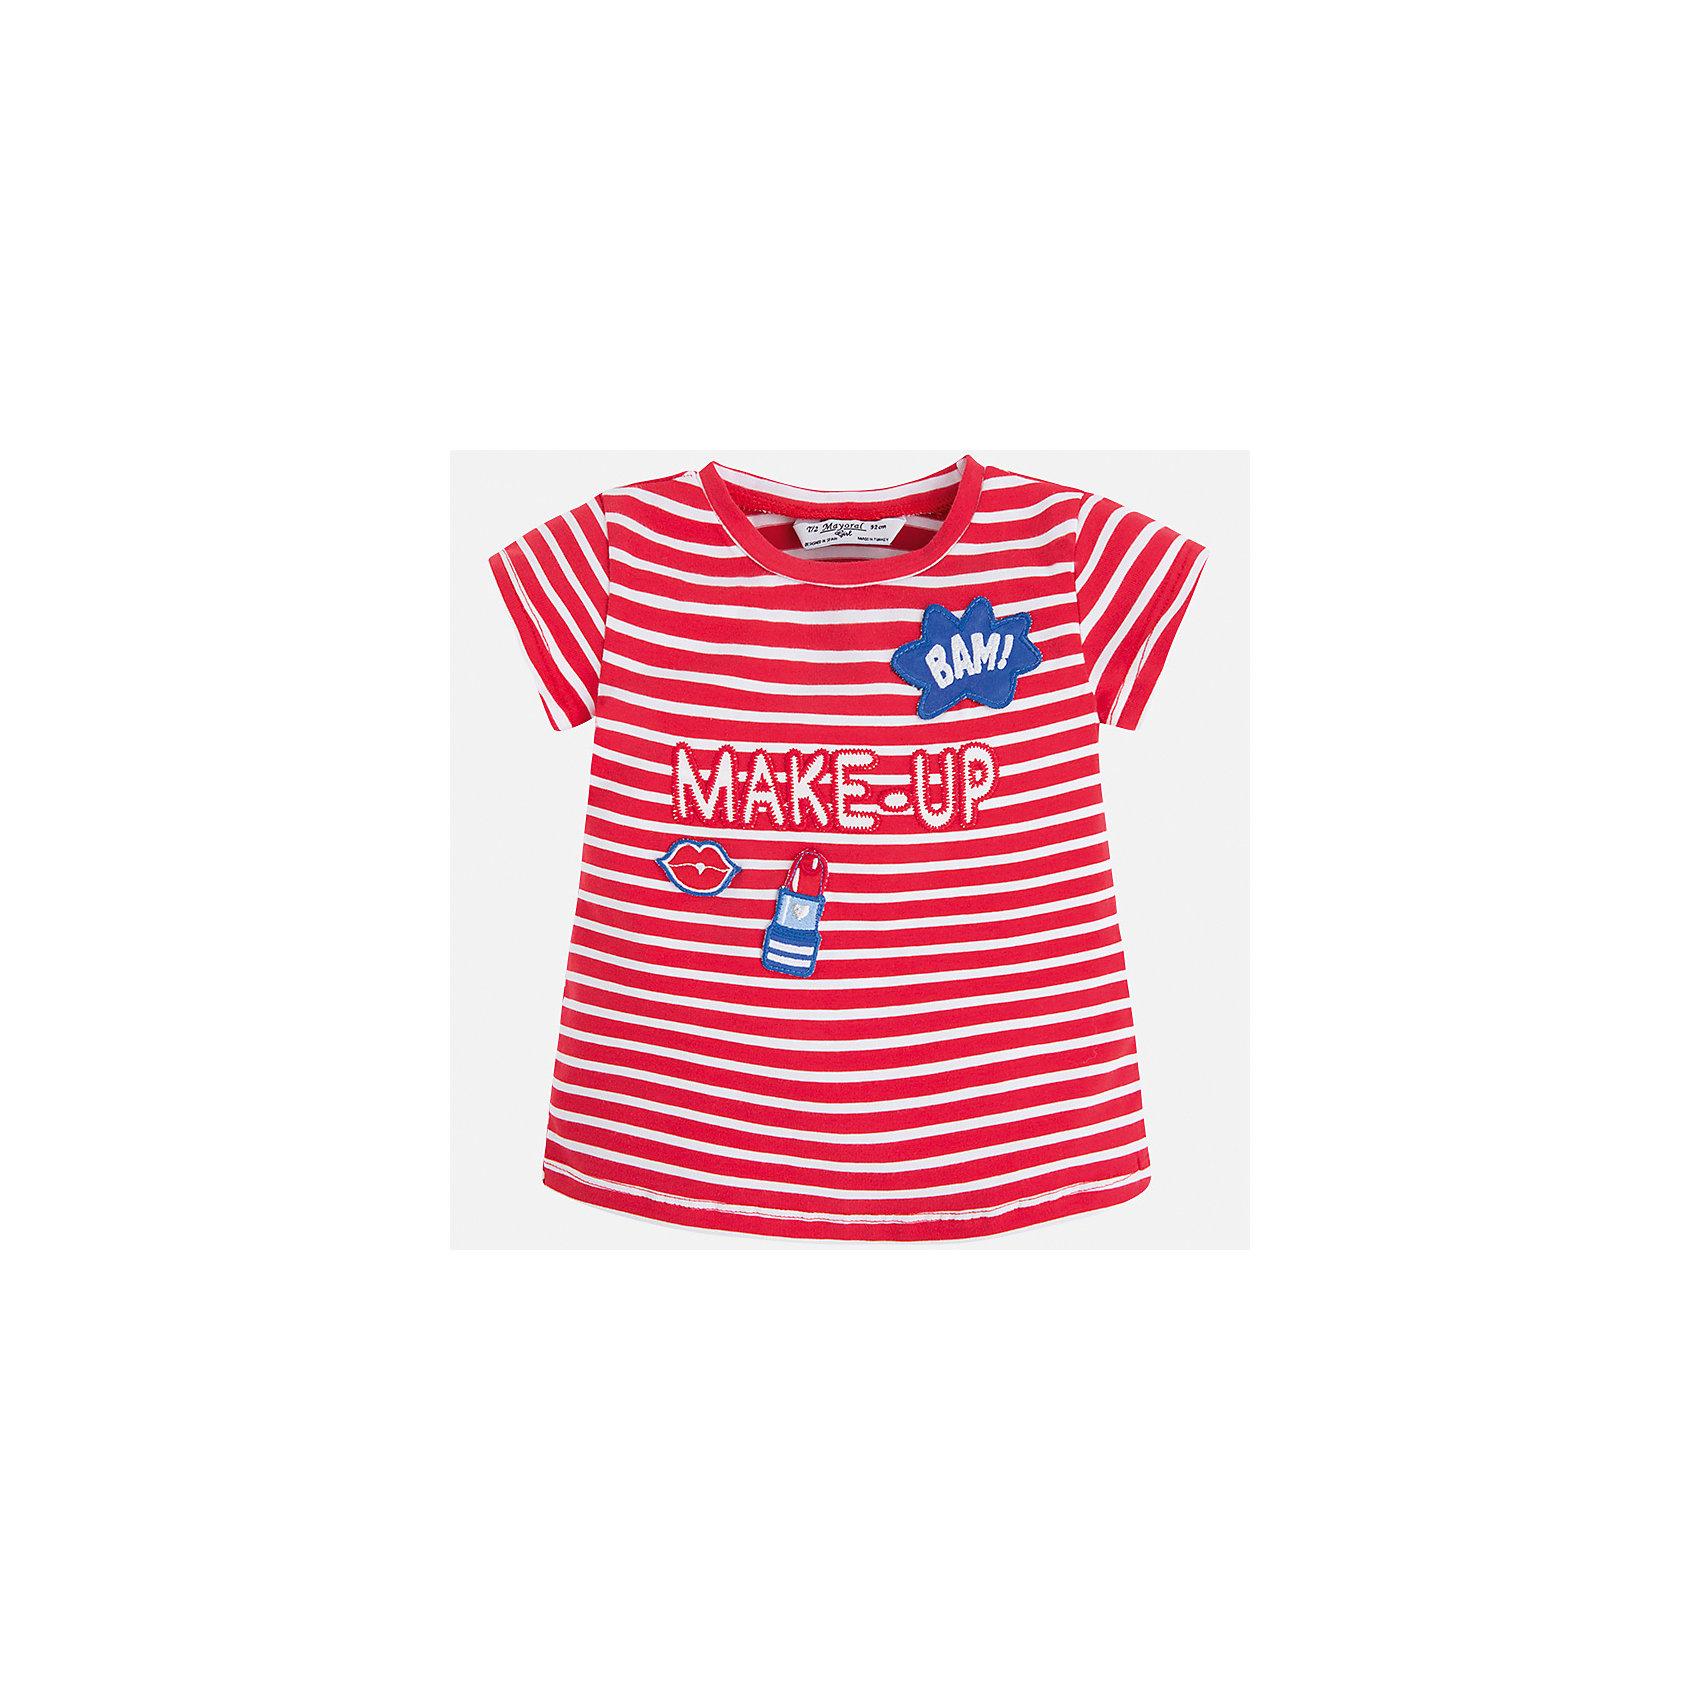 Футболка для девочки MayoralХарактеристики товара:<br><br>• цвет: красный<br>• состав: 95% хлопок, 5% эластан<br>• эластичный материал<br>• декорирована принтом<br>• короткие рукава<br>• в полоску<br>• округлый горловой вырез<br>• страна бренда: Испания<br><br>Модная качественная футболка для девочки поможет разнообразить гардероб ребенка и украсить наряд. Она отлично сочетается и с юбками, и с шортами, и с брюками. Универсальный цвет позволяет подобрать к вещи низ практически любой расцветки. Интересная отделка модели делает её нарядной и оригинальной. В составе материала есть натуральный хлопок, гипоаллергенный, приятный на ощупь, дышащий.<br><br>Одежда, обувь и аксессуары от испанского бренда Mayoral полюбились детям и взрослым по всему миру. Модели этой марки - стильные и удобные. Для их производства используются только безопасные, качественные материалы и фурнитура. Порадуйте ребенка модными и красивыми вещами от Mayoral! <br><br>Футболку для девочки от испанского бренда Mayoral (Майорал) можно купить в нашем интернет-магазине.<br><br>Ширина мм: 199<br>Глубина мм: 10<br>Высота мм: 161<br>Вес г: 151<br>Цвет: красный<br>Возраст от месяцев: 96<br>Возраст до месяцев: 108<br>Пол: Женский<br>Возраст: Детский<br>Размер: 134,92,98,104,110,116,122,128<br>SKU: 5300262